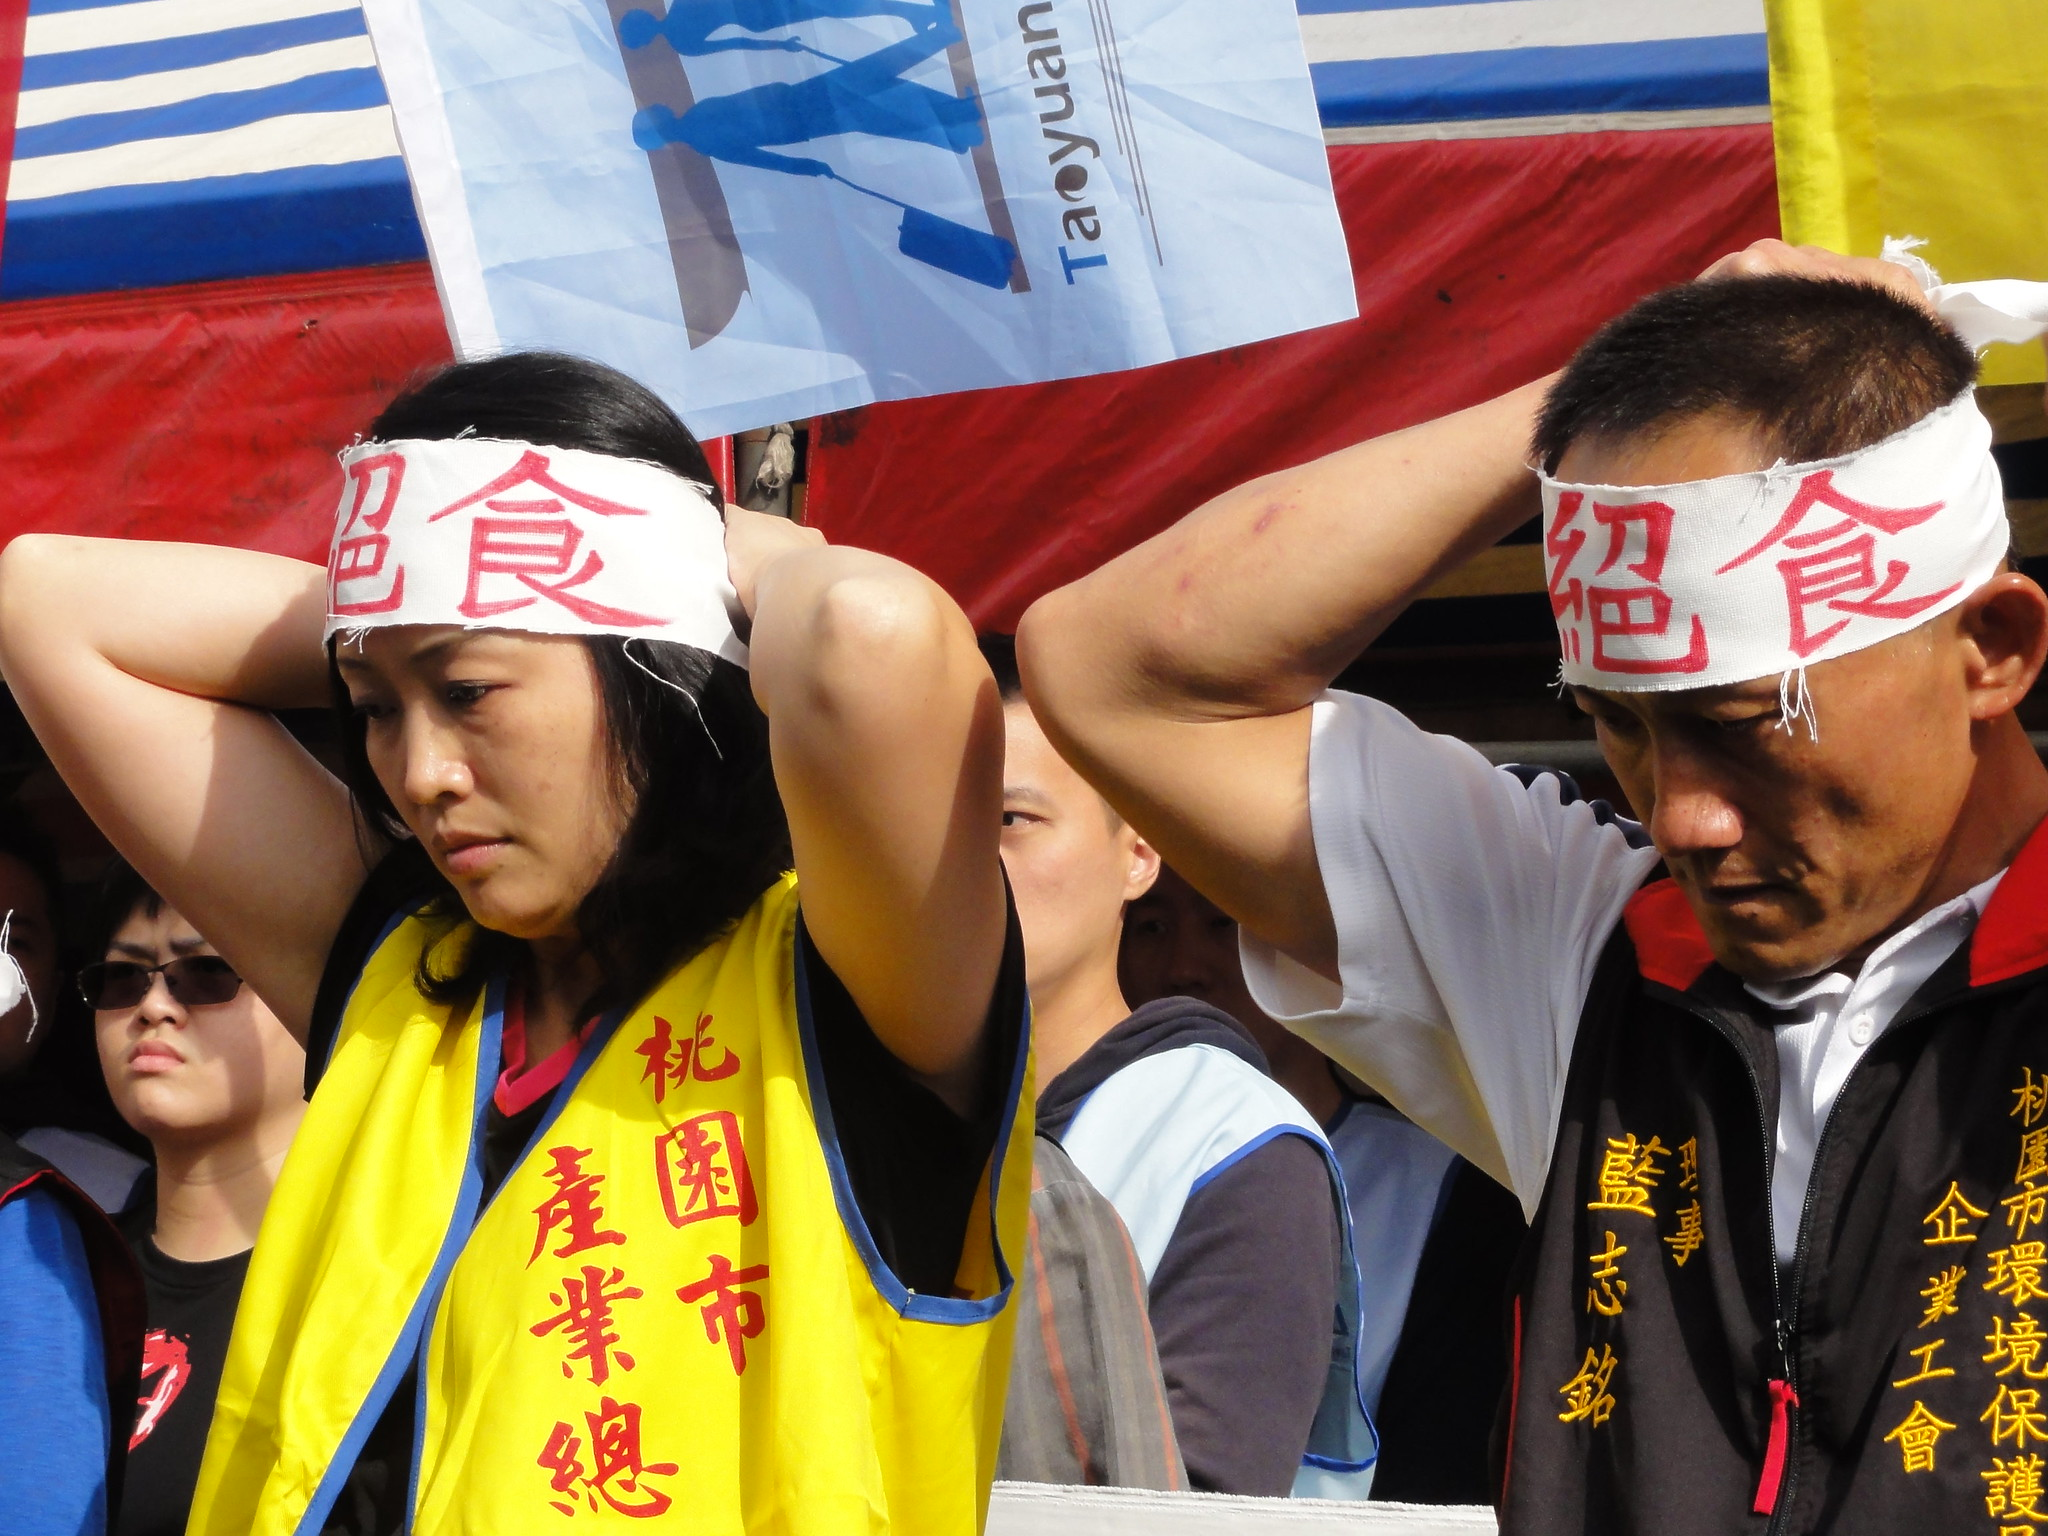 工人絕食代表繫上絕食頭巾。(攝影:張智琦)